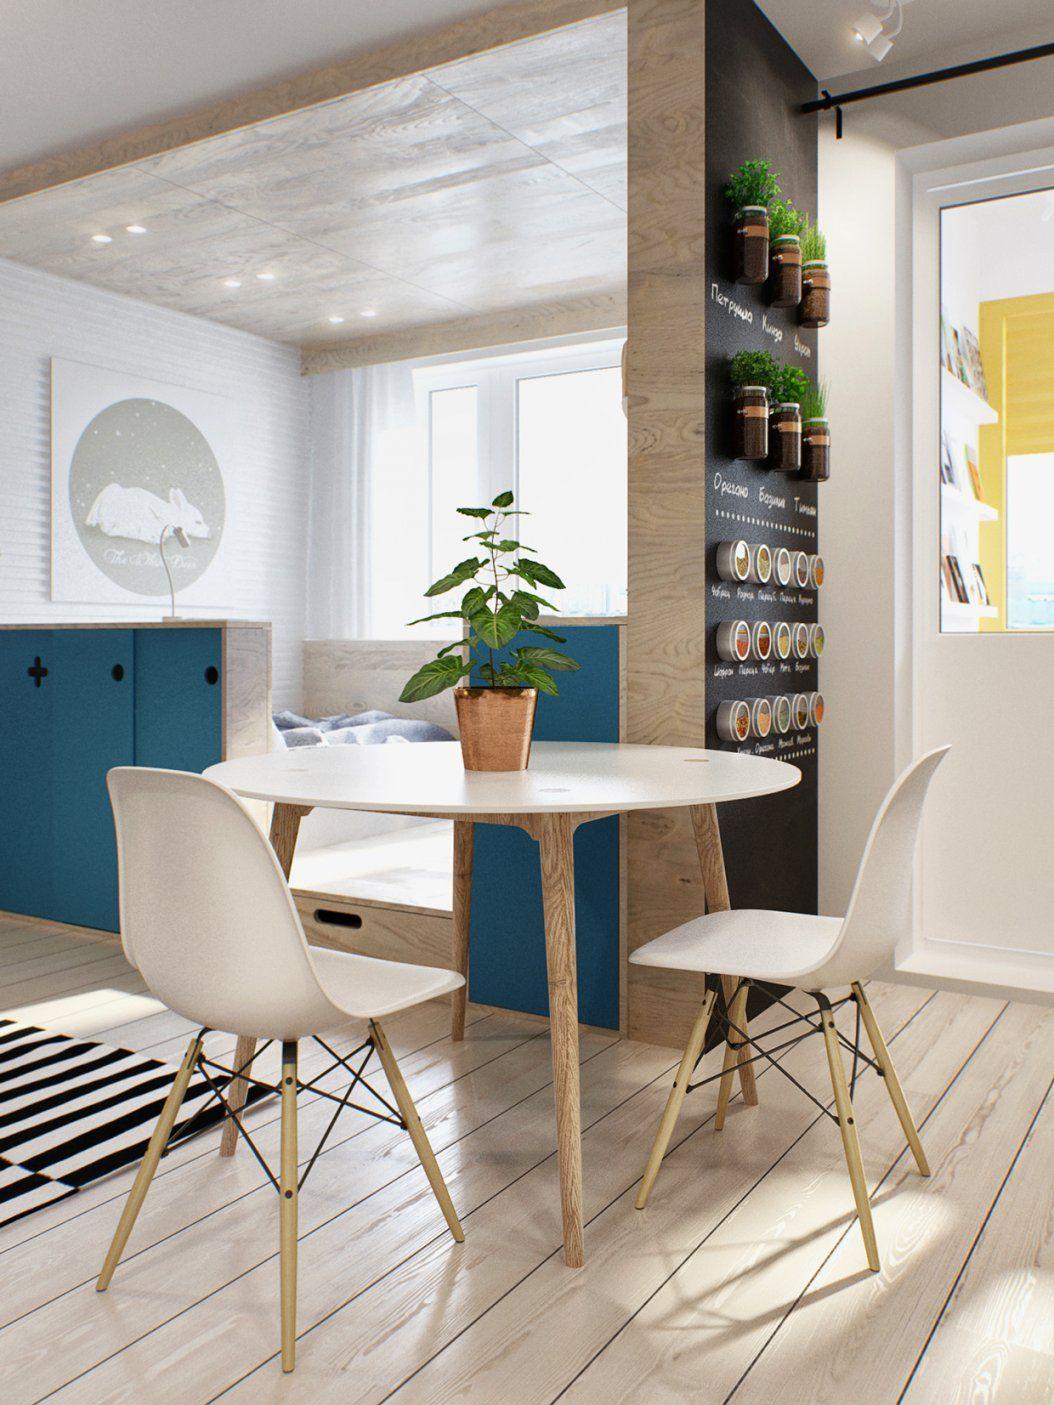 Kleine Wohnung Modern Und Funktionell Einrichten  Freshouse von 40 Qm Wohnung Einrichten Bild